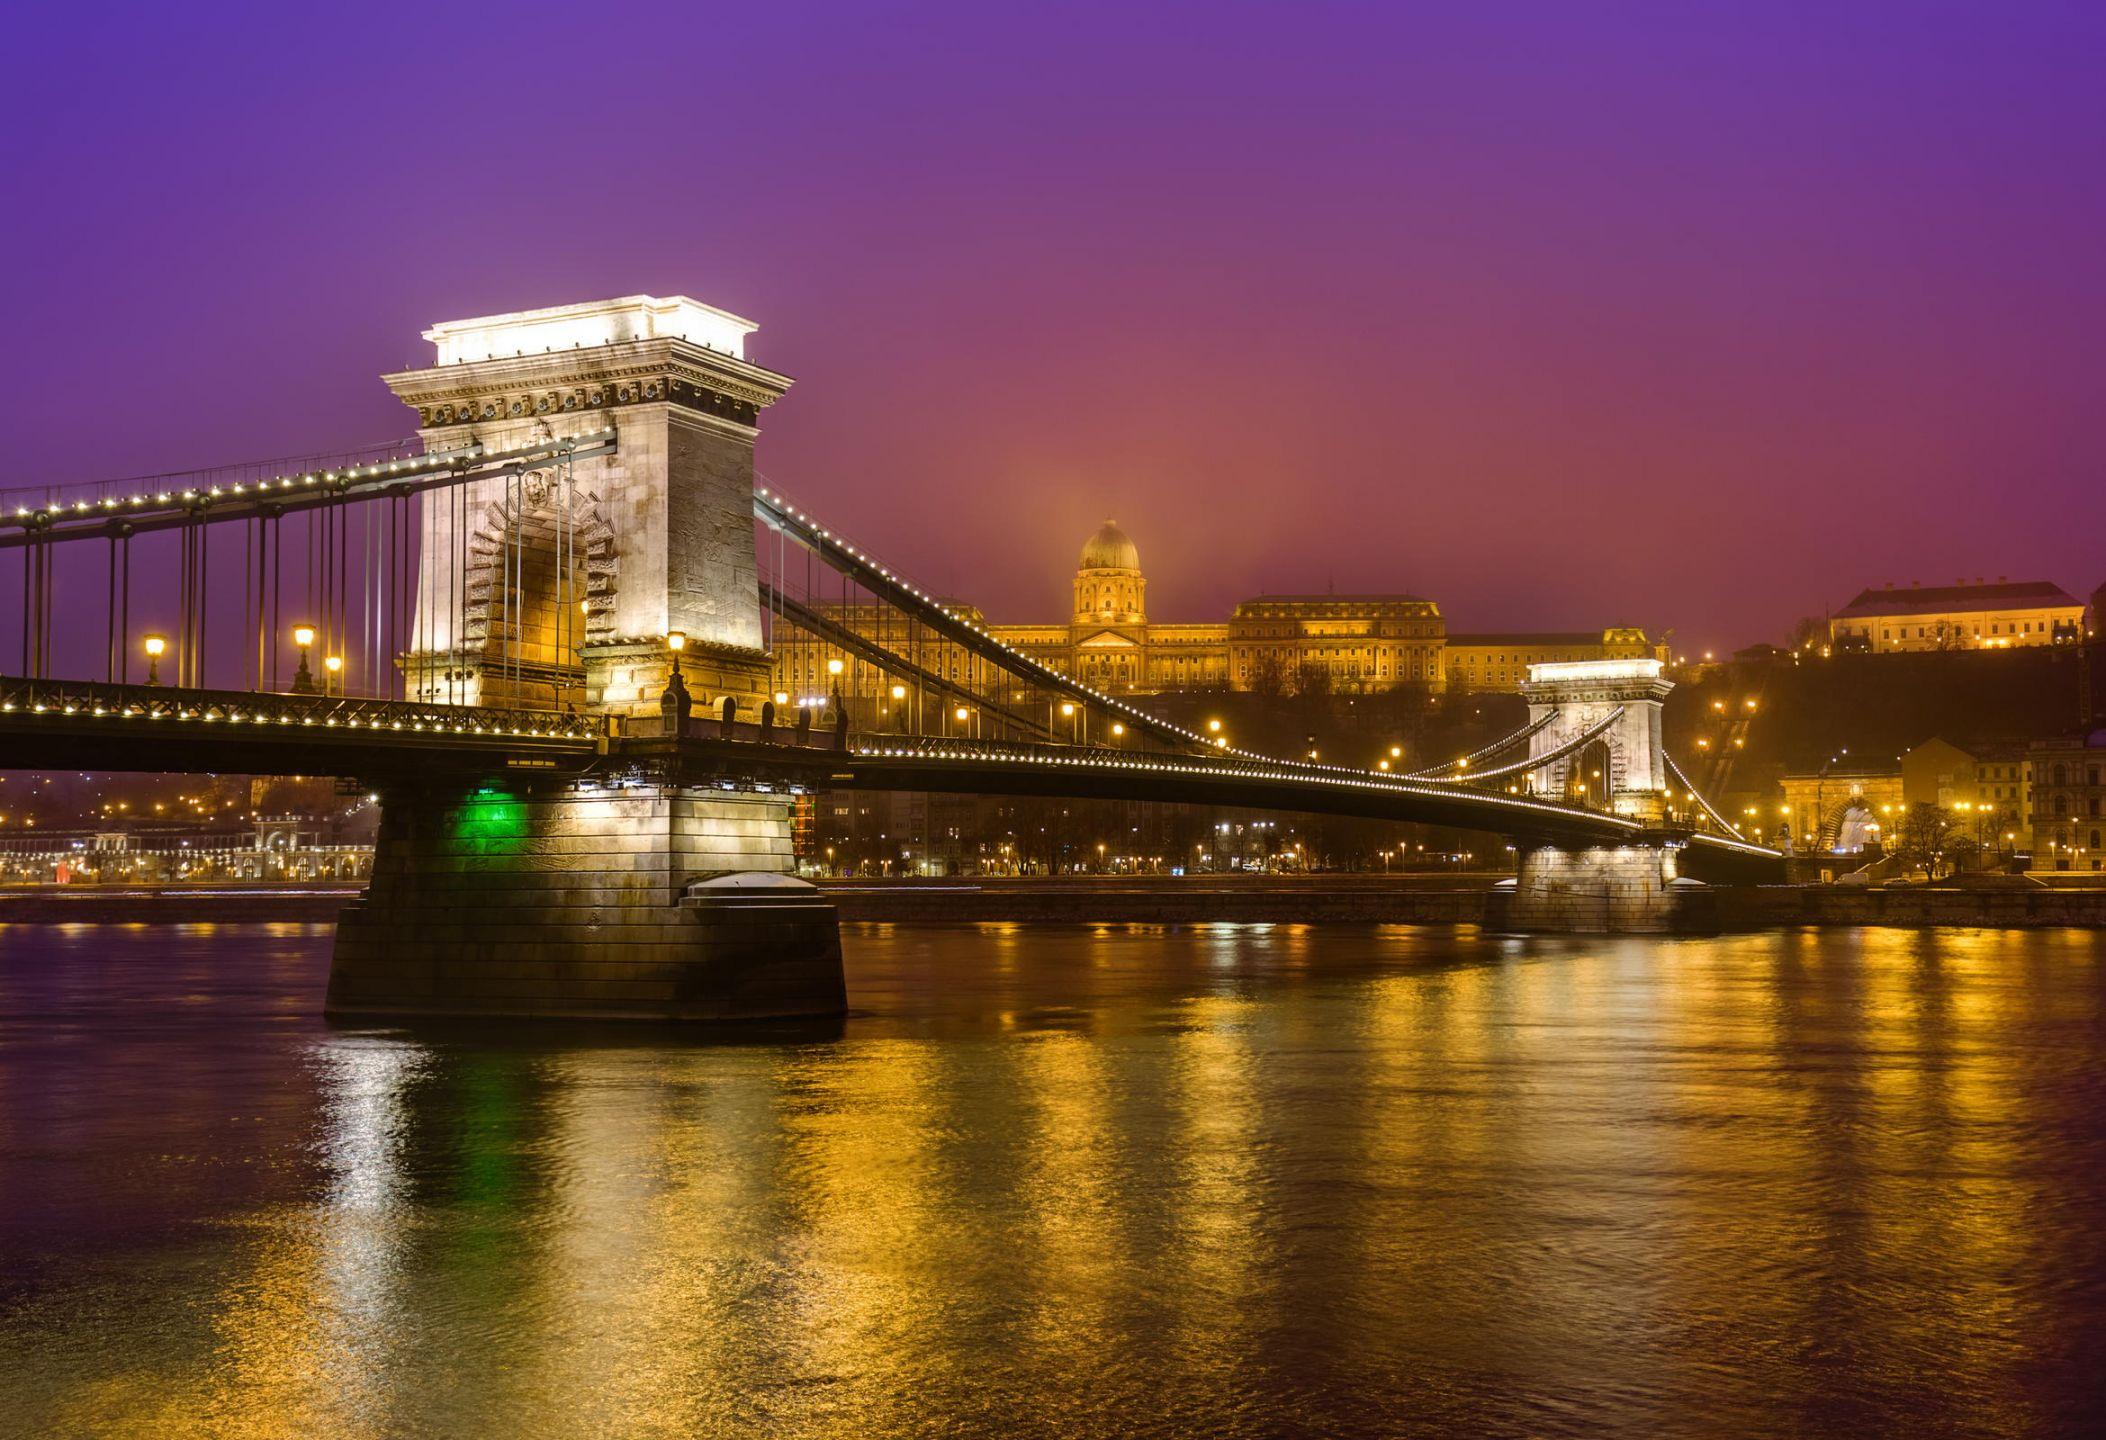 Η Βουδαπέστη είναι η πρωτεύουσα της Ουγγαρίας και έδρα της κομητείας της Πέστης.